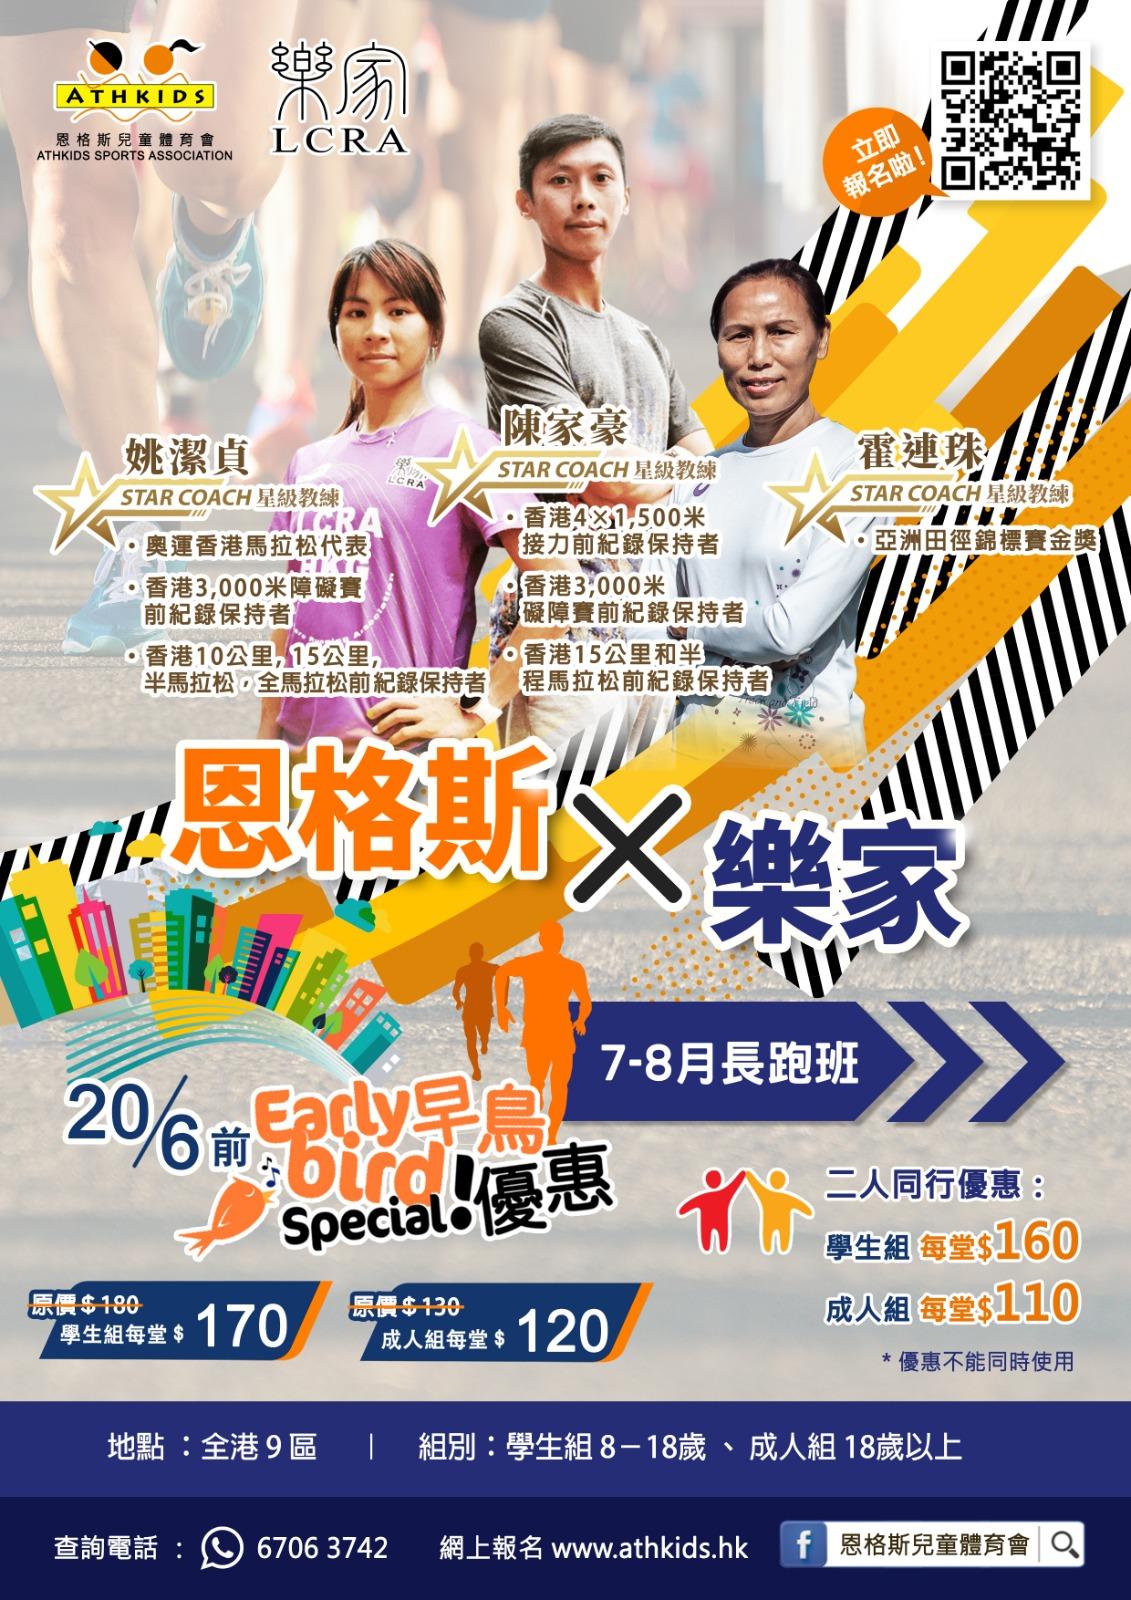 恩格斯X樂家長跑班(2021年7-8月)